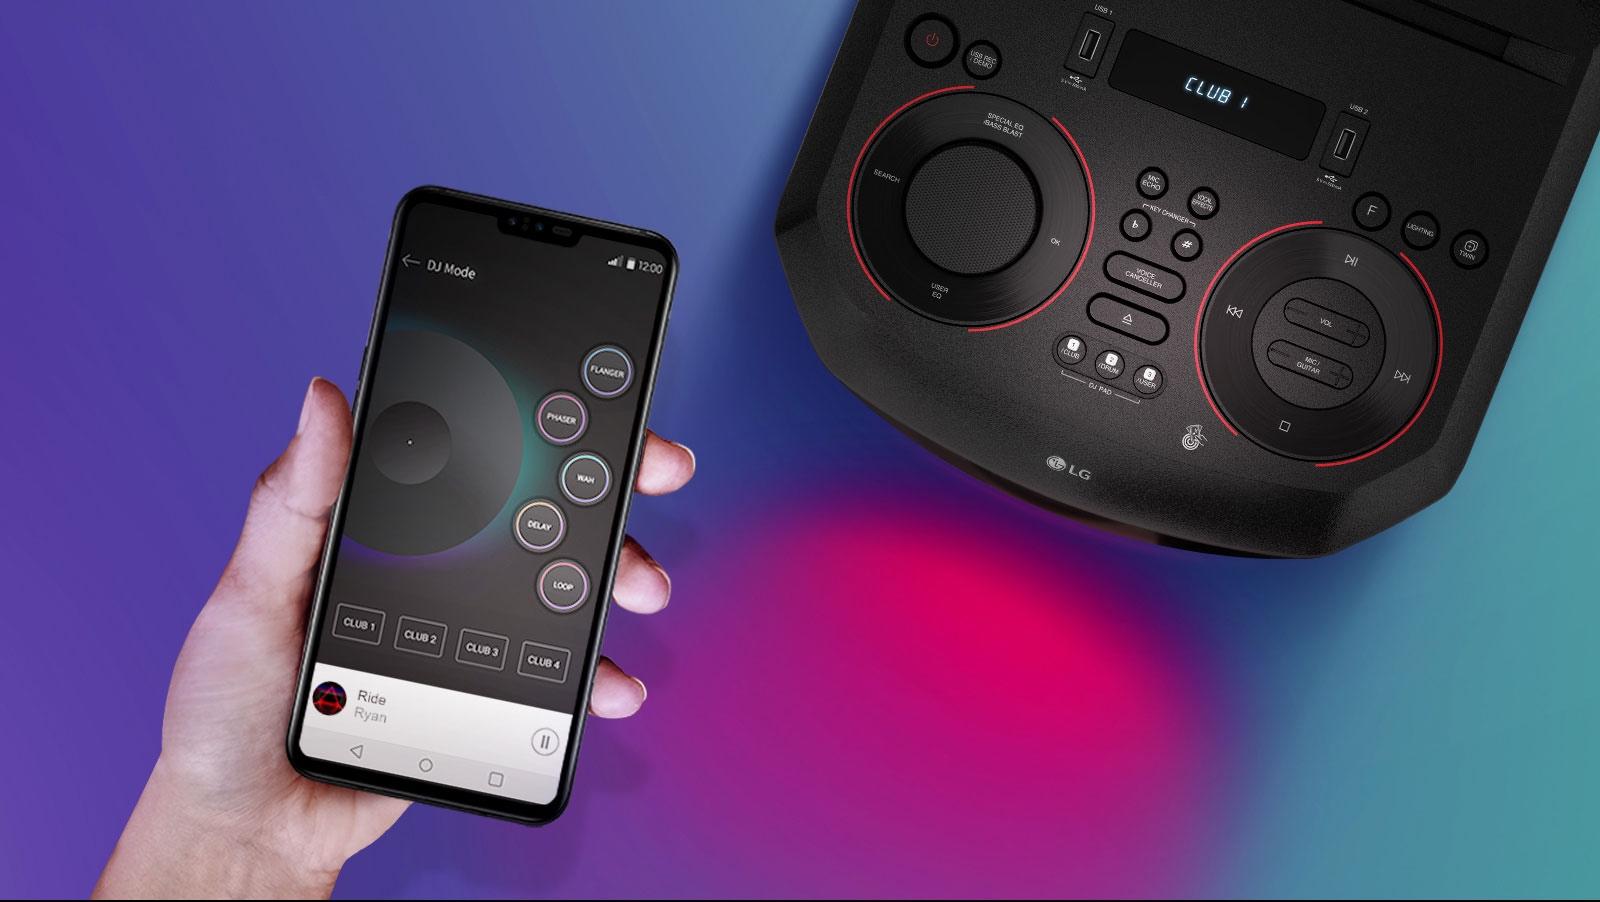 LG giới thiệu các dòng loa XBOOM và XBOOM Go mới